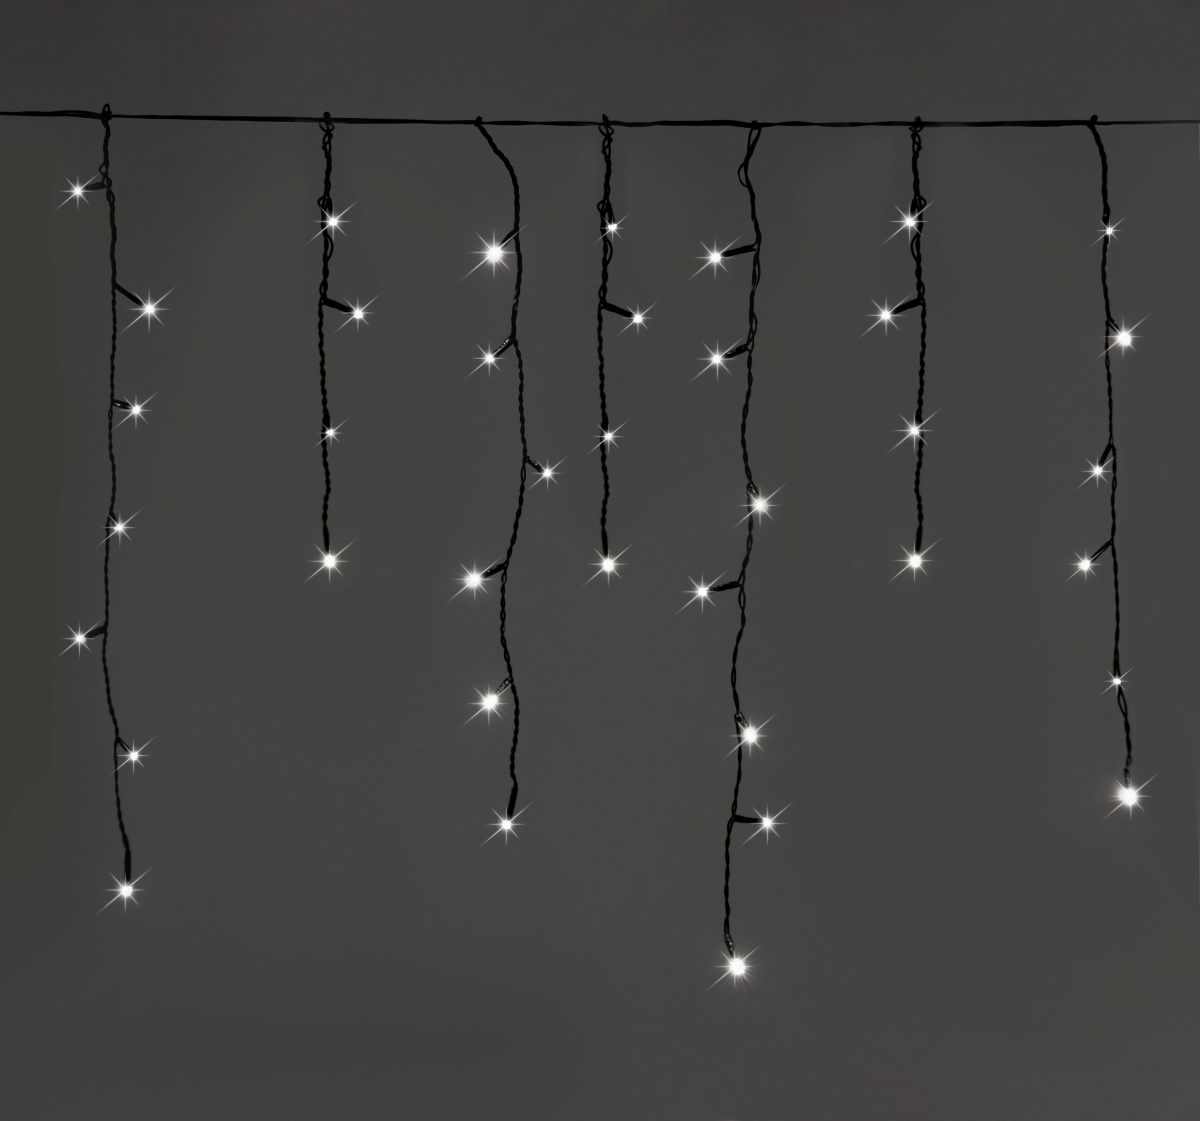 7 m LED světelný déšť, 200 LED diod, 8 programů, studené bílé světlo